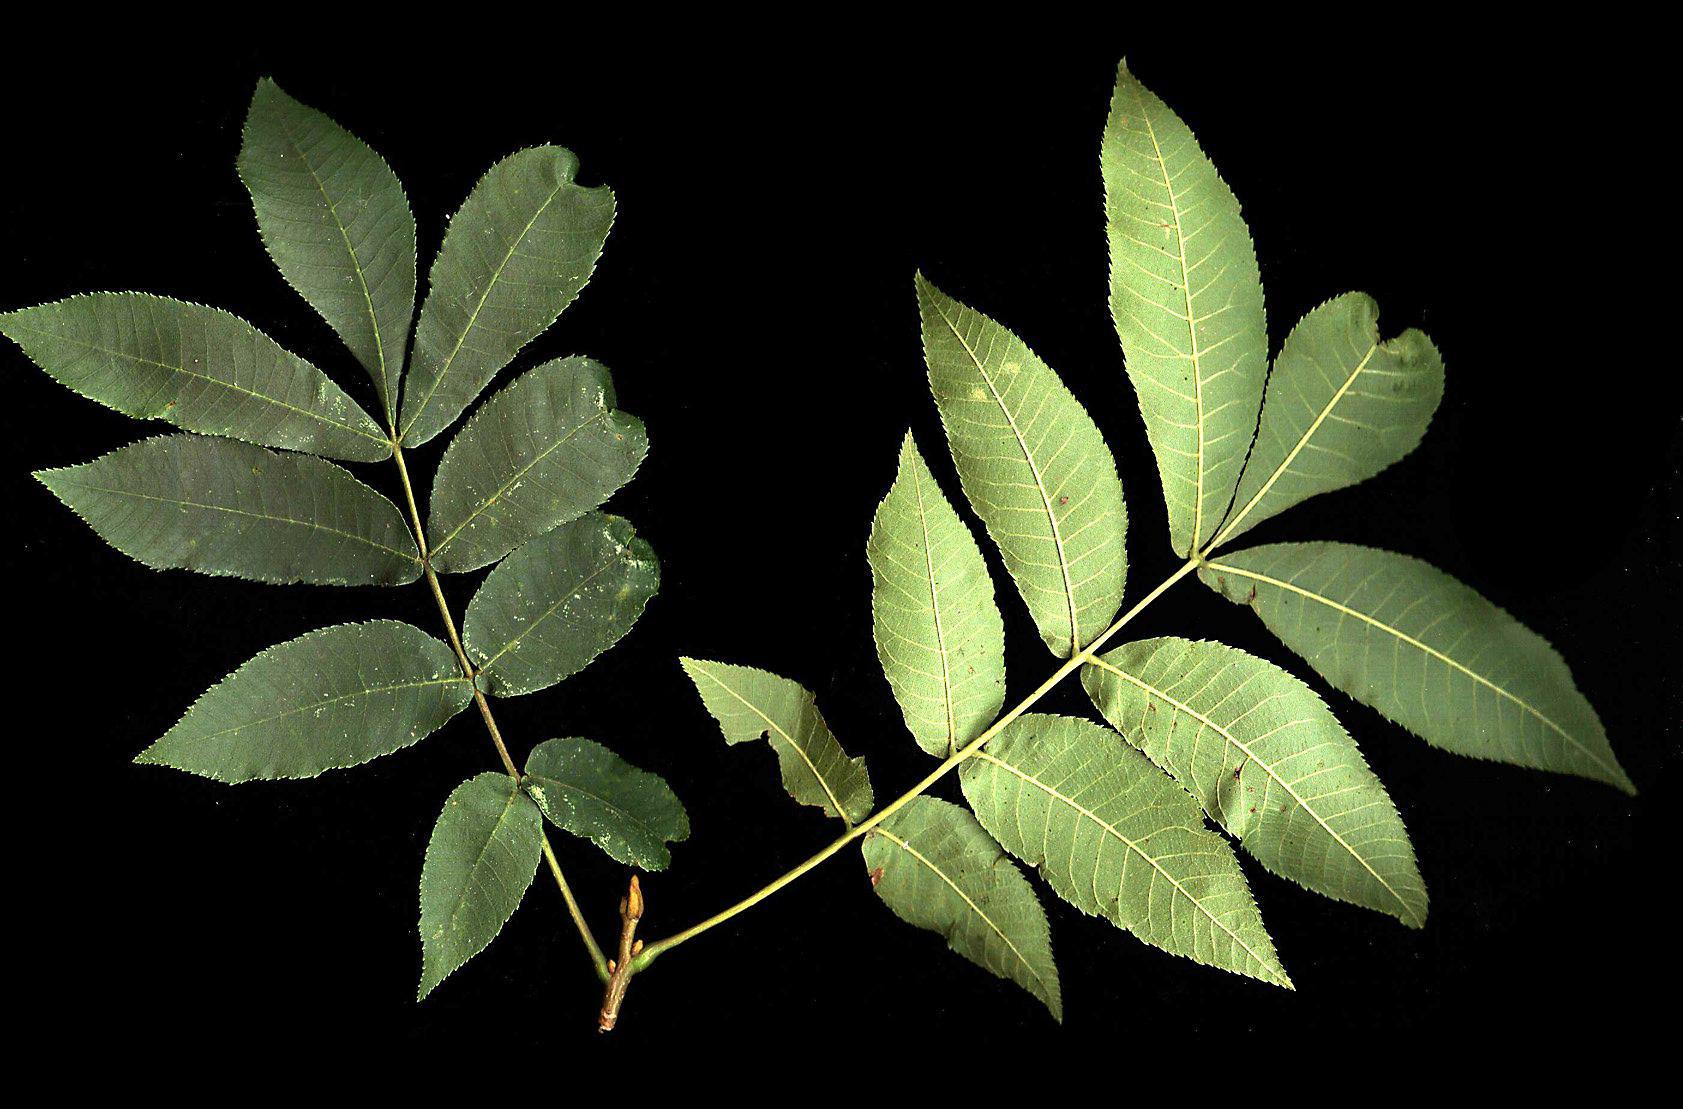 Carya cordiformis  - leafy twig